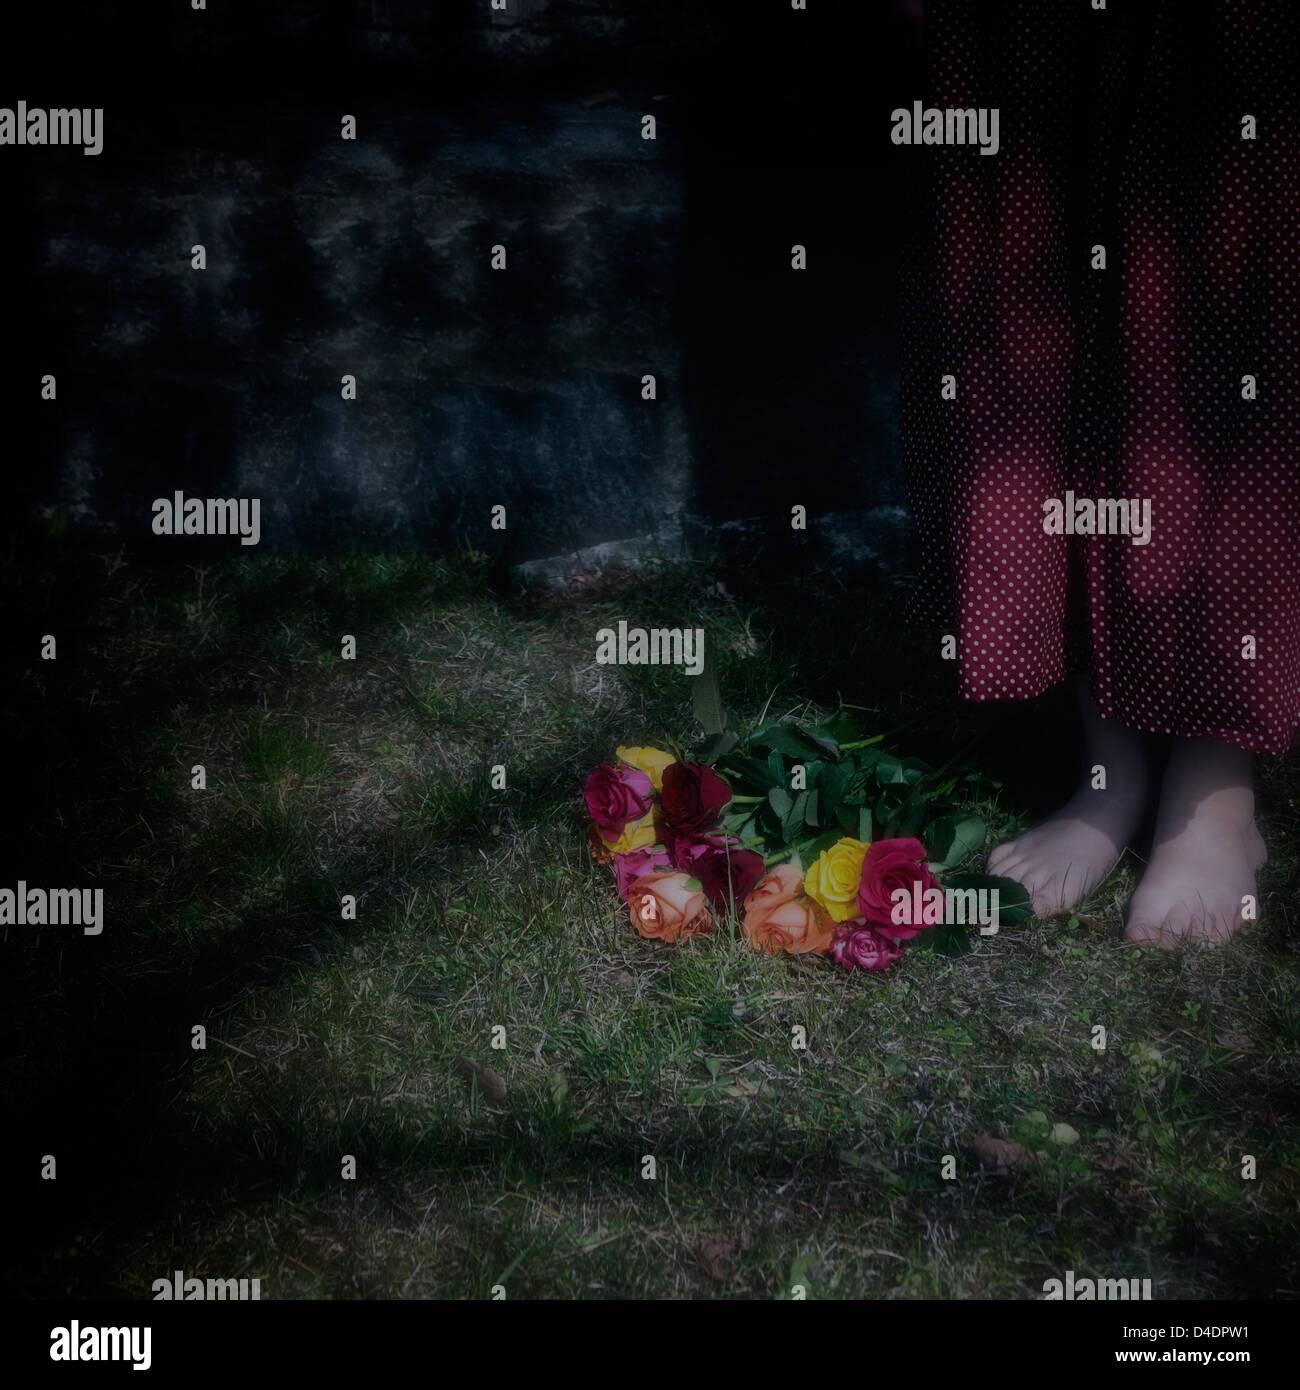 Une fille dans le noir, pieds nus par un bouquet de fleurs Photo Stock